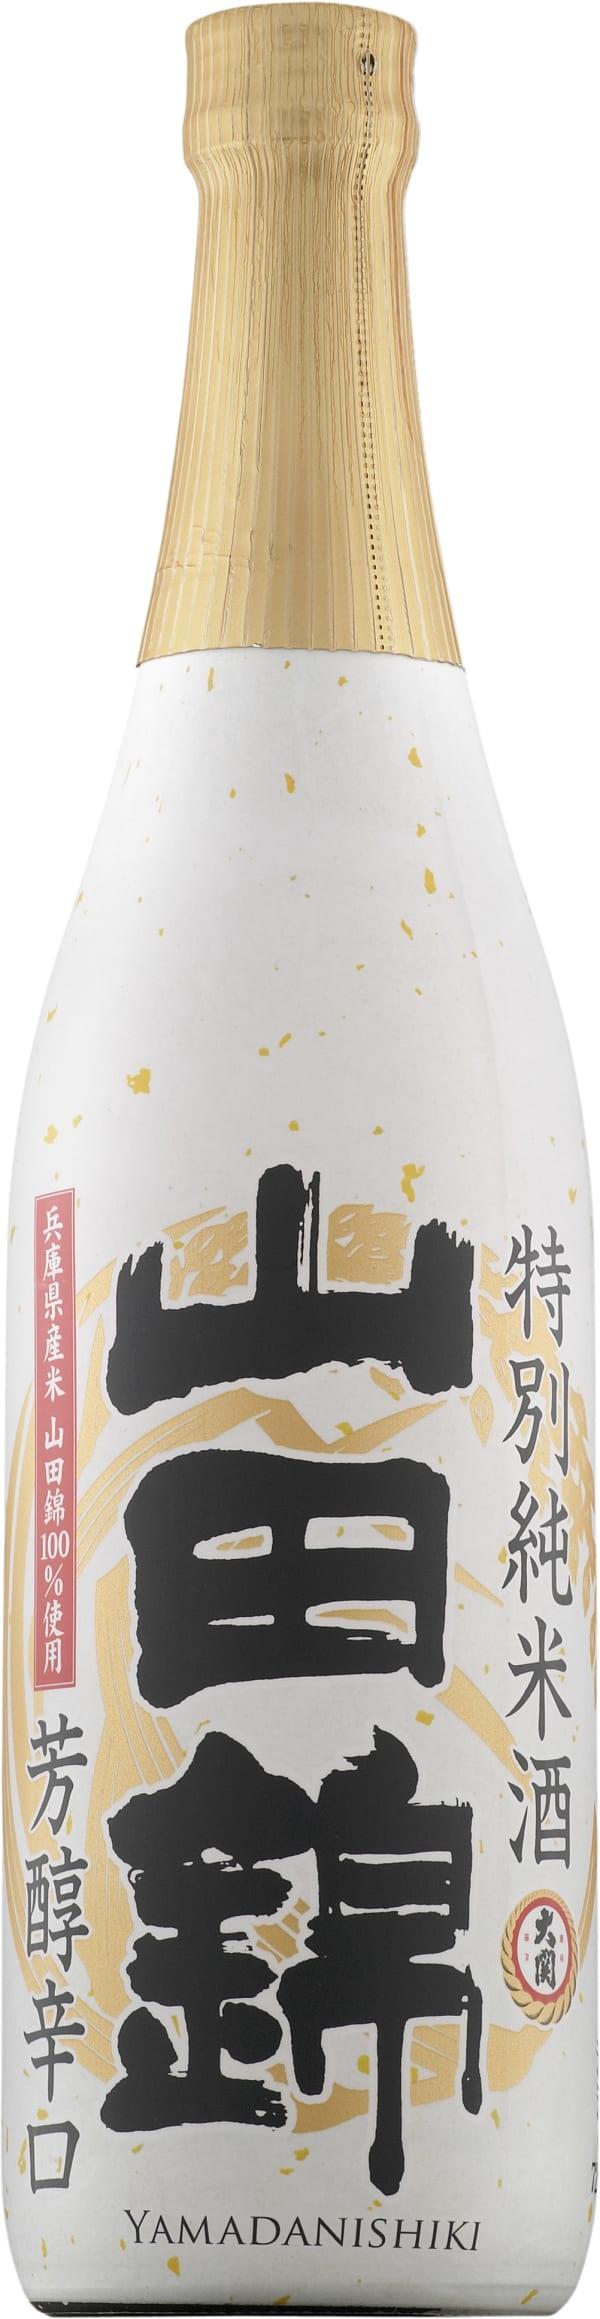 Yamada-Nishiki Tokubetsu Junmai-shu Sake